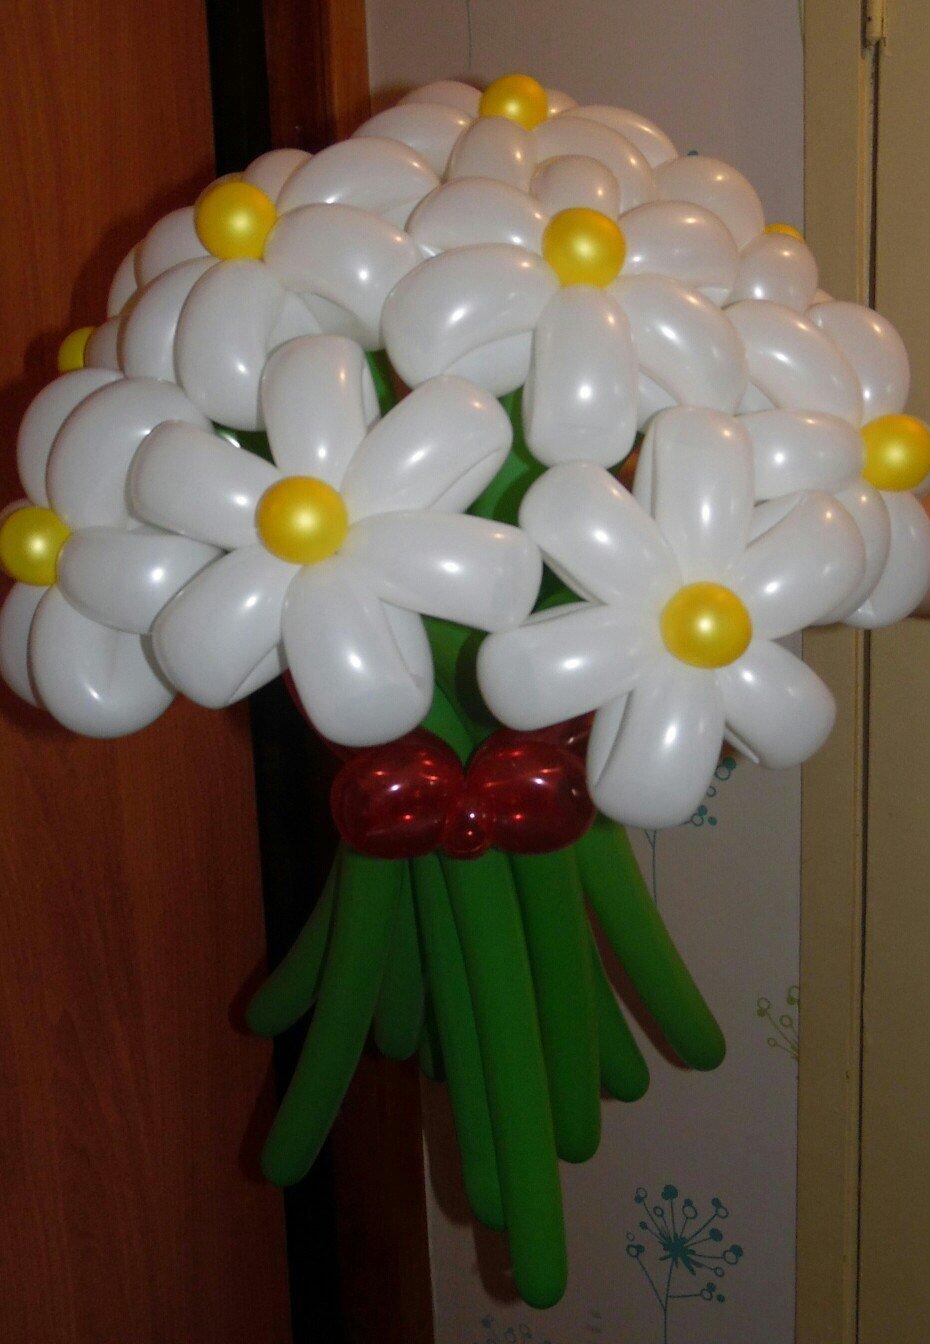 Фигуры из шаров для начинающих. как делать своими руками, видео, фото пошагово